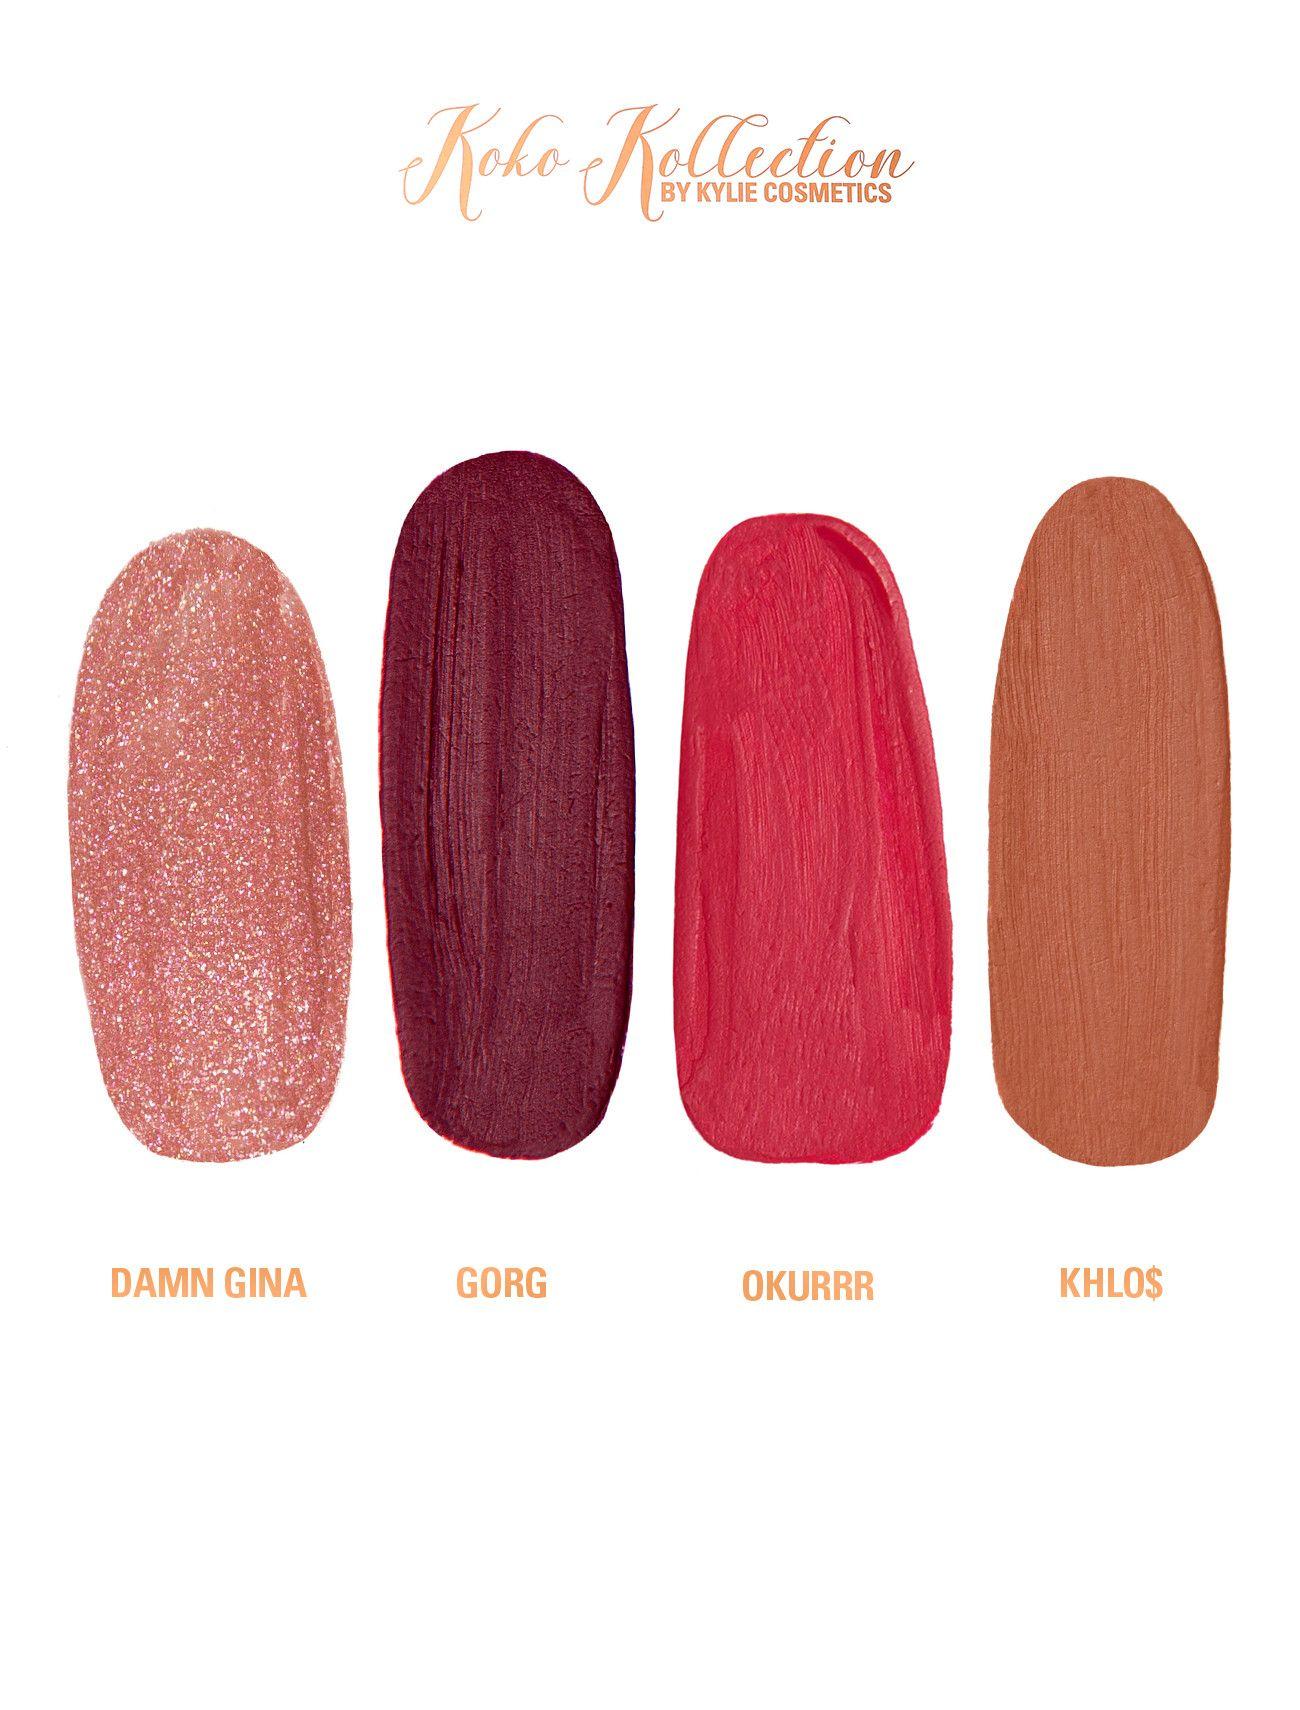 Matte Liquid Lipsticks & Gloss – Kylie